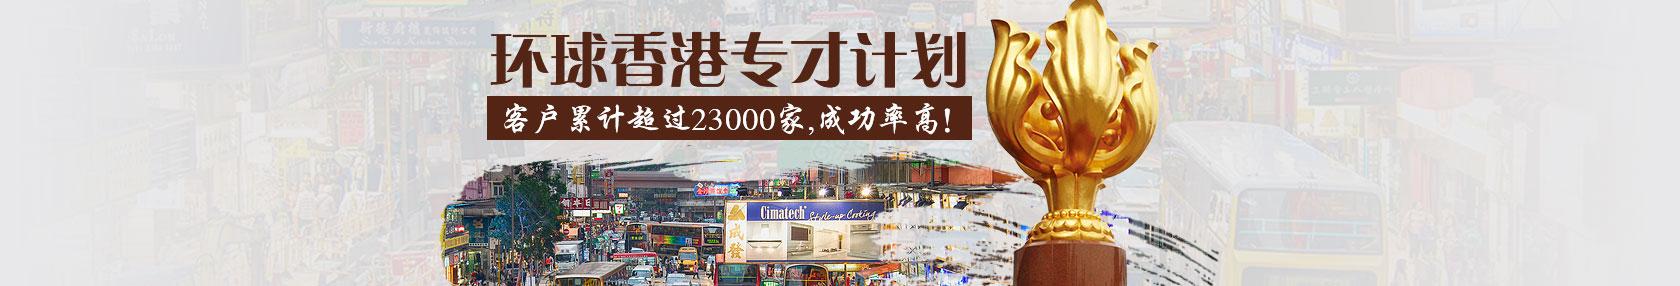 环球移民香港专才计划项目客户累计超过2300家,成功率高达90%!